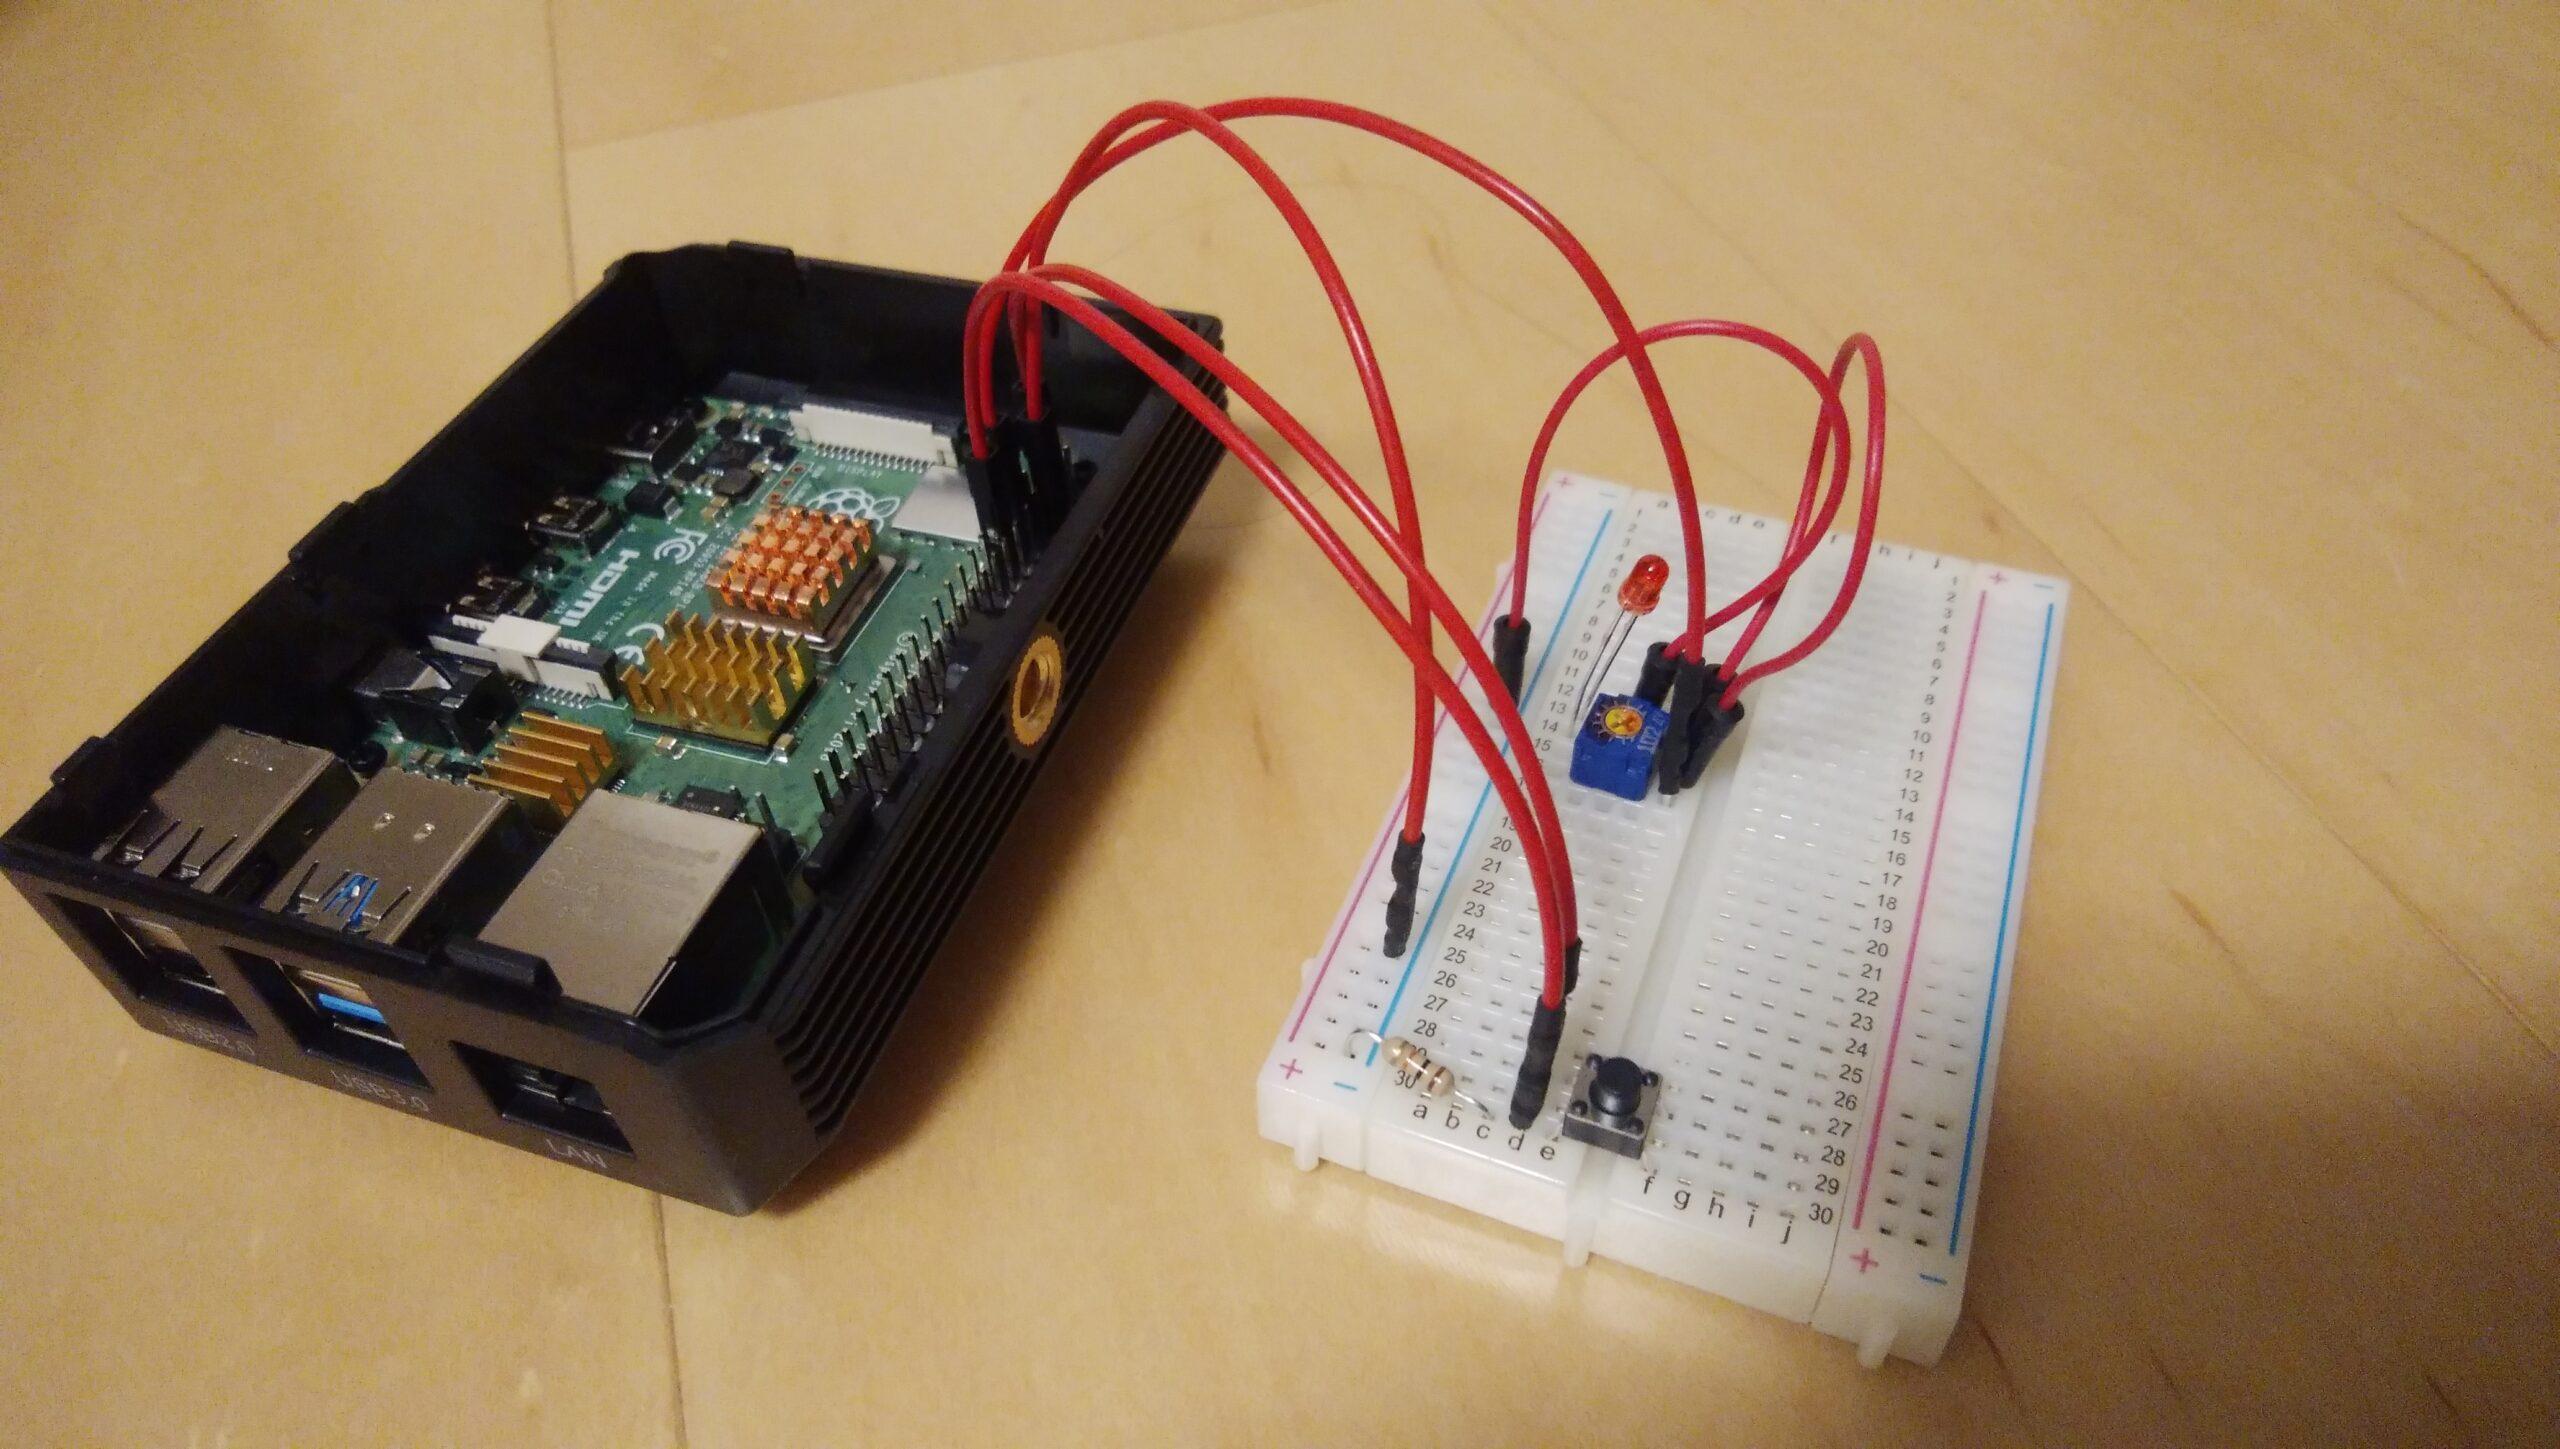 Raspberry Pi 4Bでエルチカ「タクトスイッチで点灯させてみる」【GPIO IN、OUT】と【プルダウン、プルアップ】について